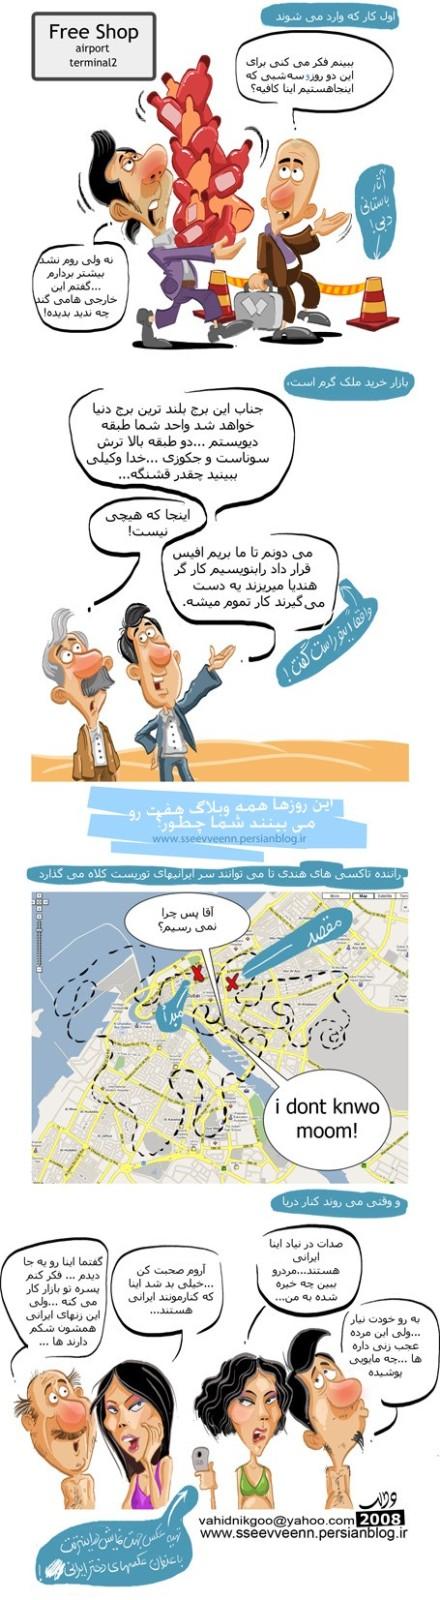 عکس خنده دار :ایرانی ها در دبی چه می کنند؟